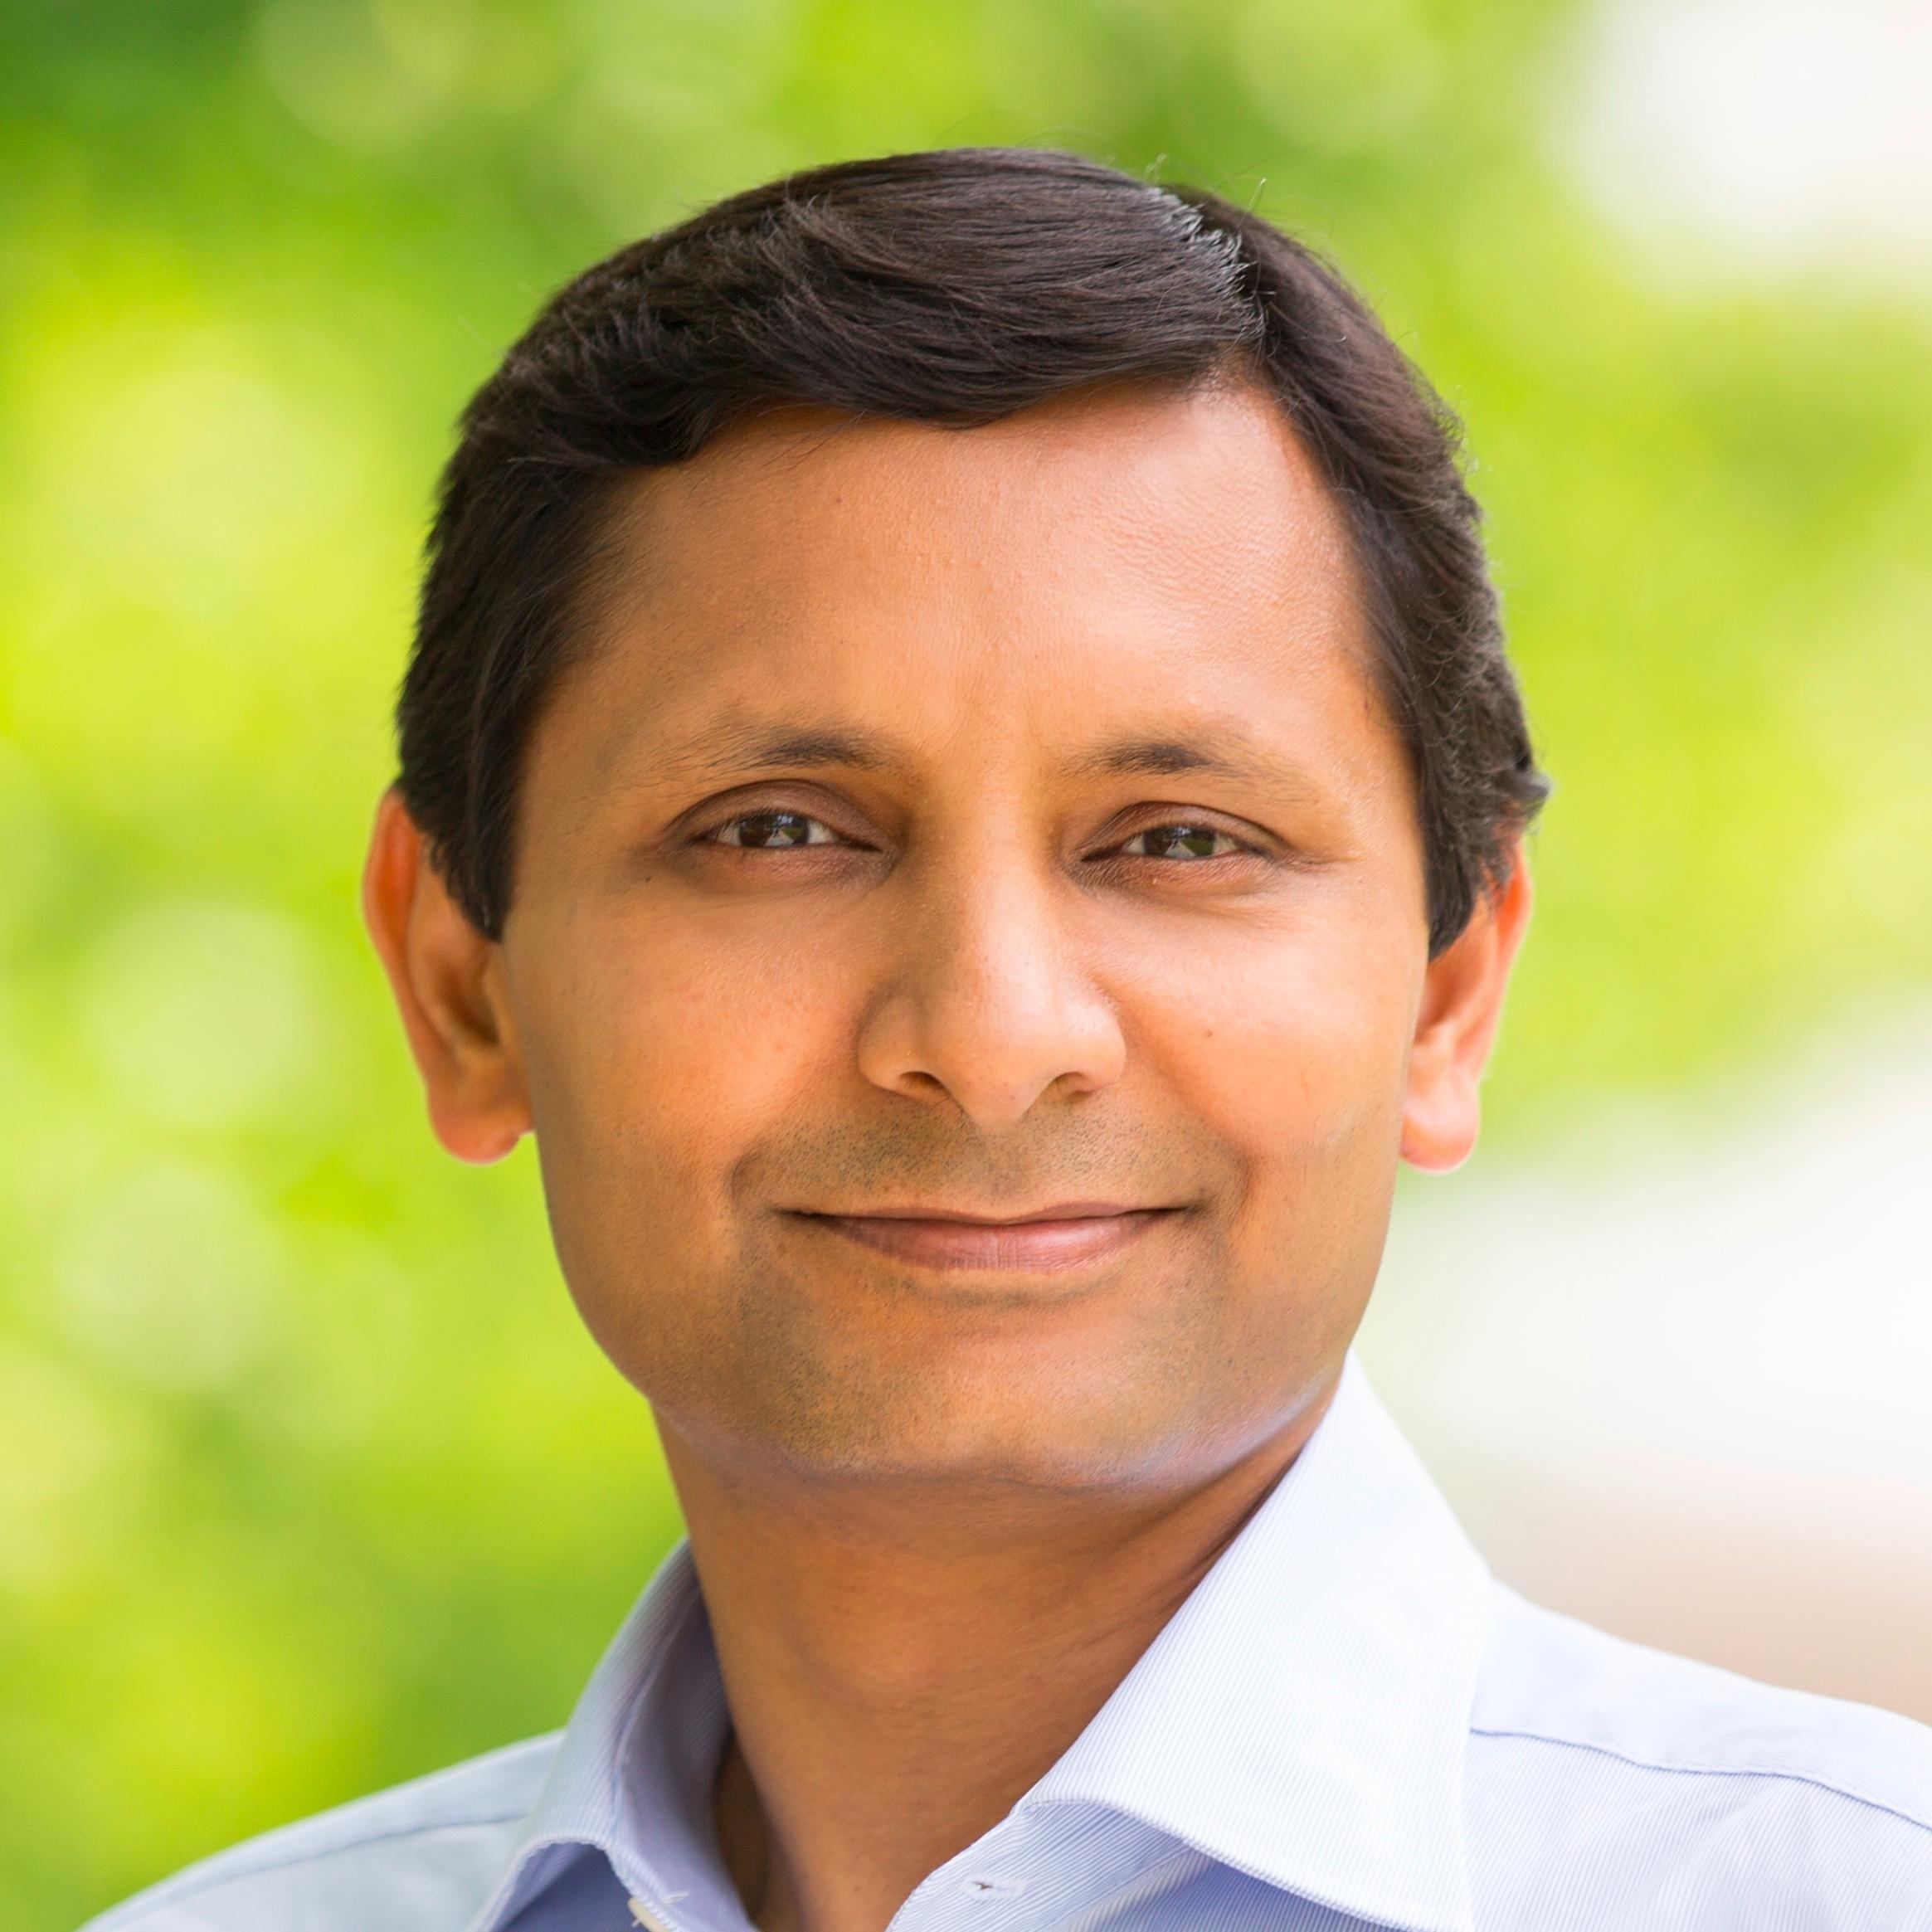 Amit Kumar on Twitter: